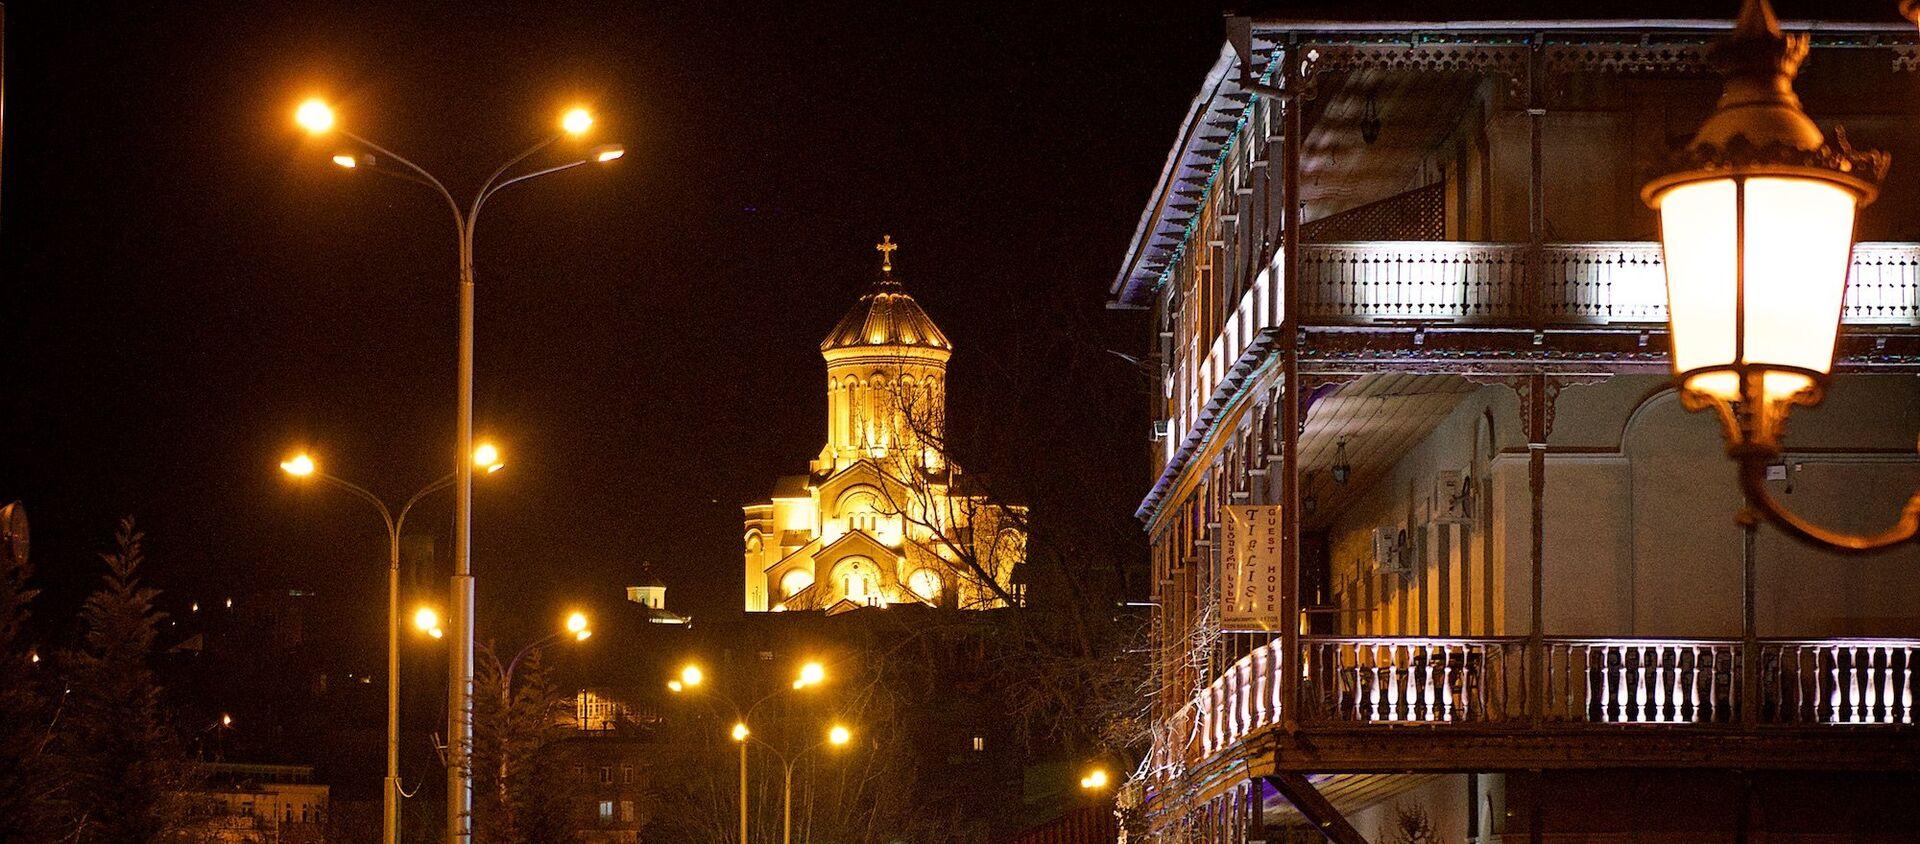 Вид на старый Тбилиси и храм Святой Троицы Самеба ночью - Sputnik Грузия, 1920, 15.02.2021